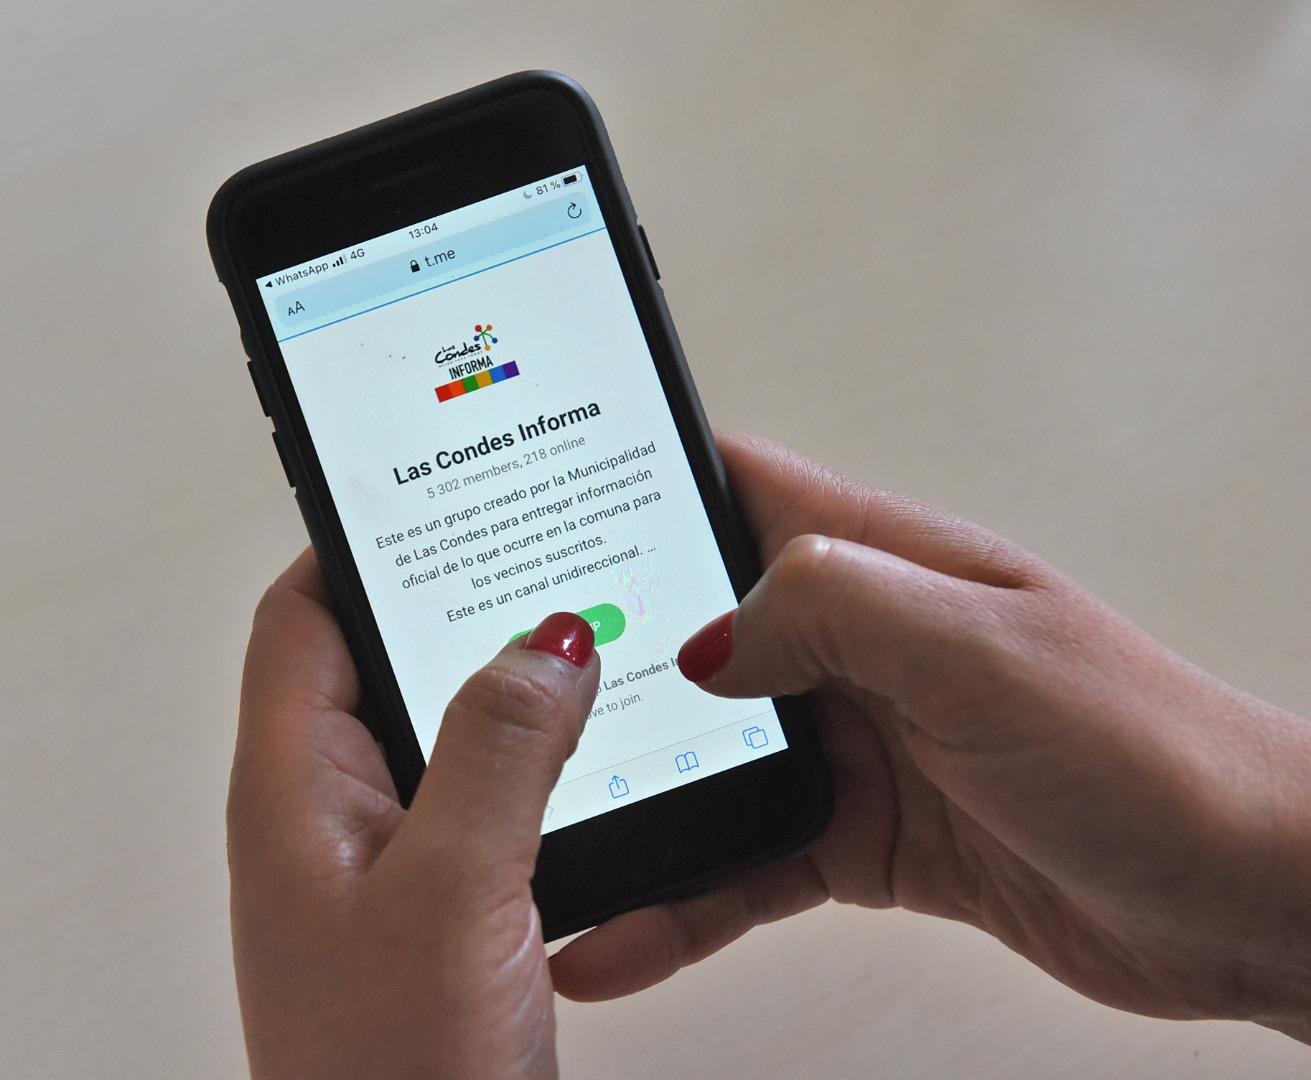 Las Condes informa a través de App Telegram